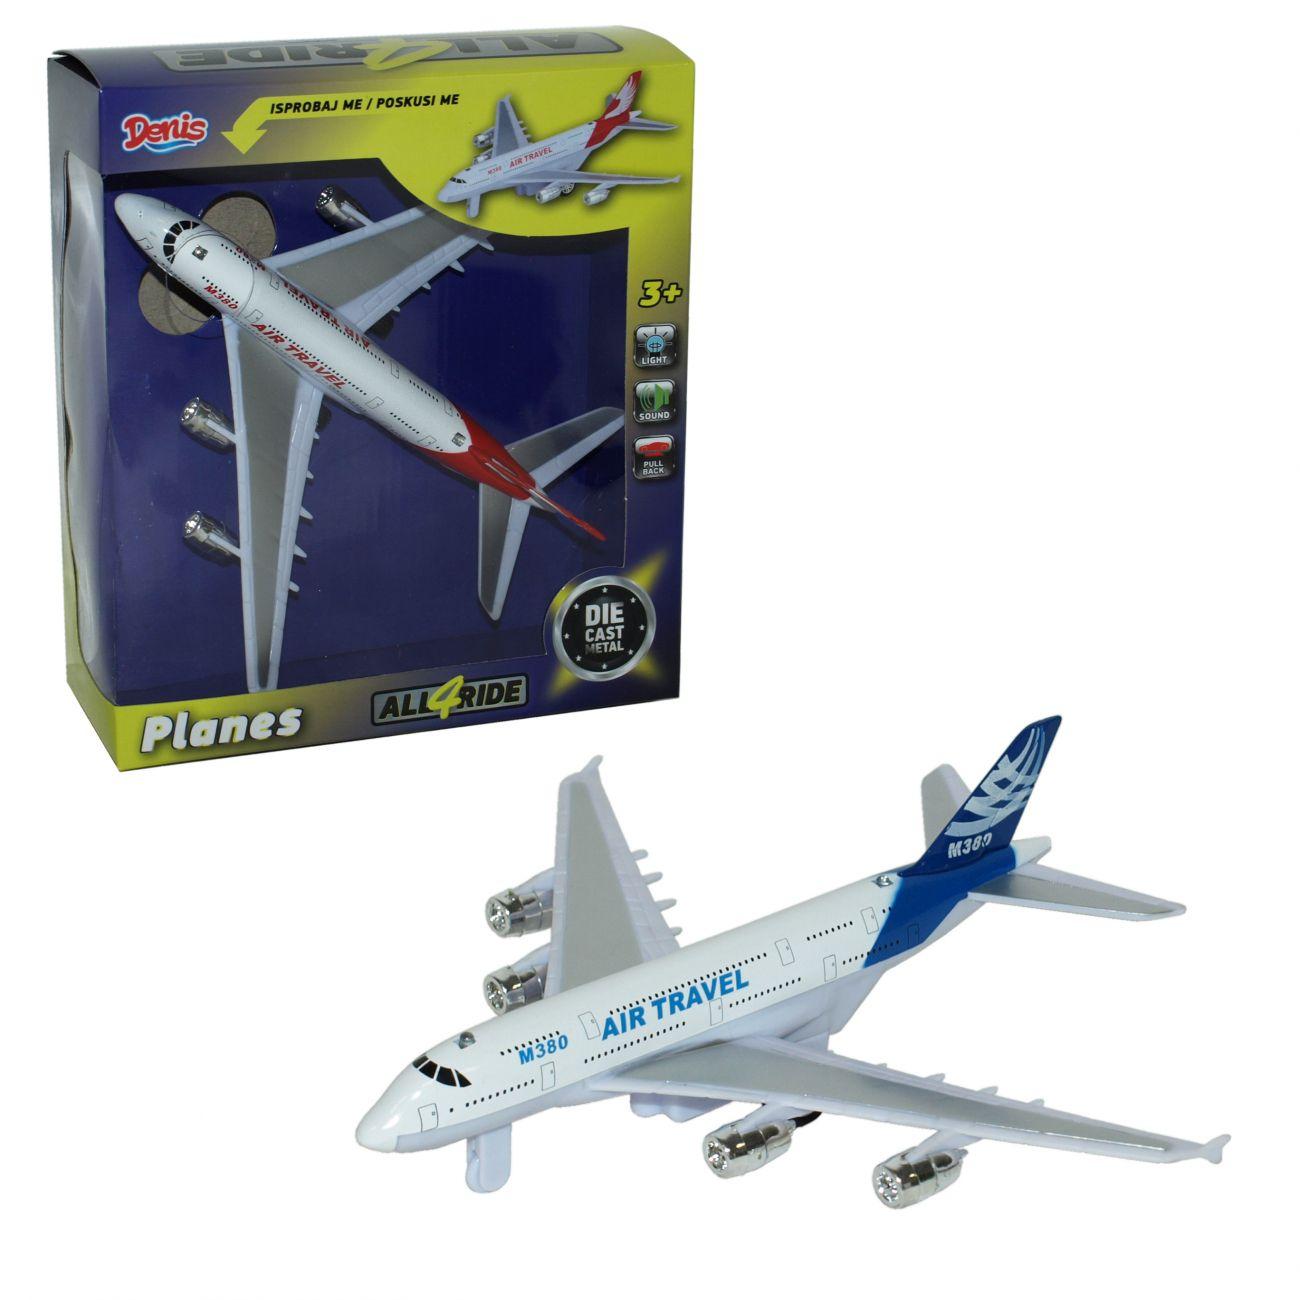 Letalo potniško na poteg 2 so